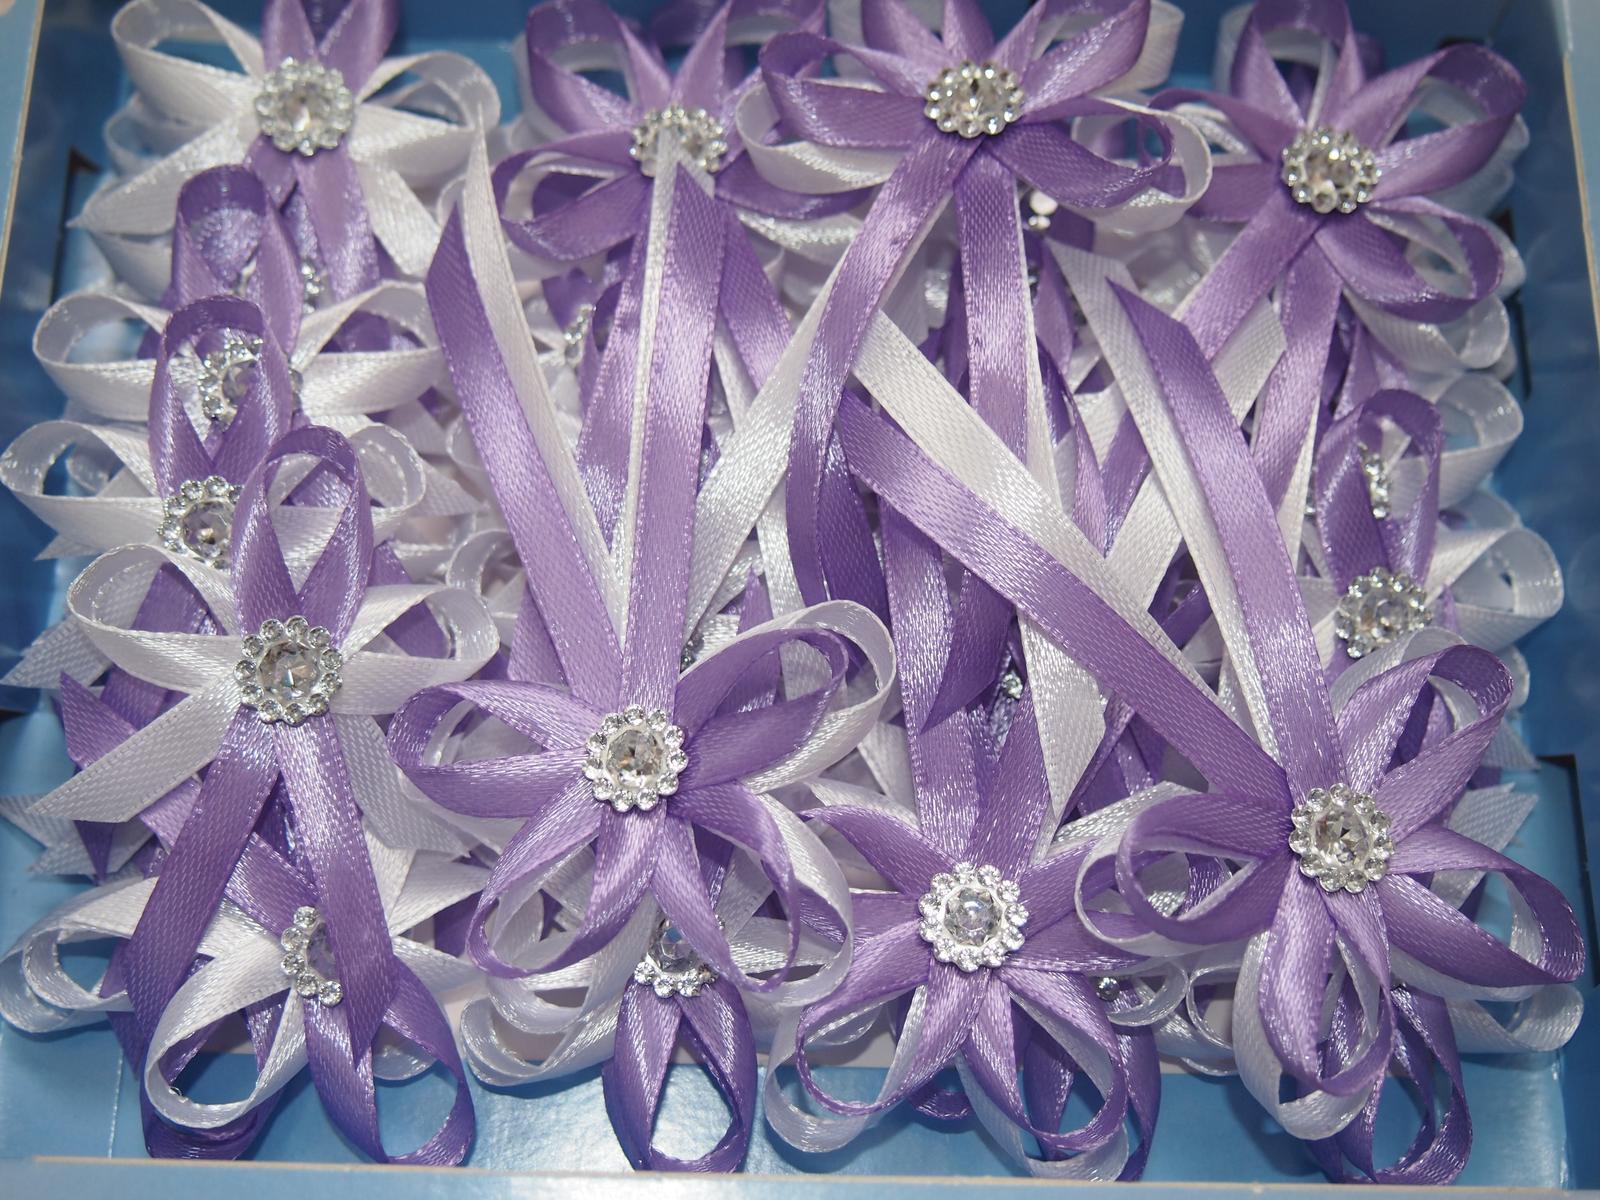 Vývazky - Kombinace bílé a lila, klasický vývazek s brožičkou 5,5 Kč/ks